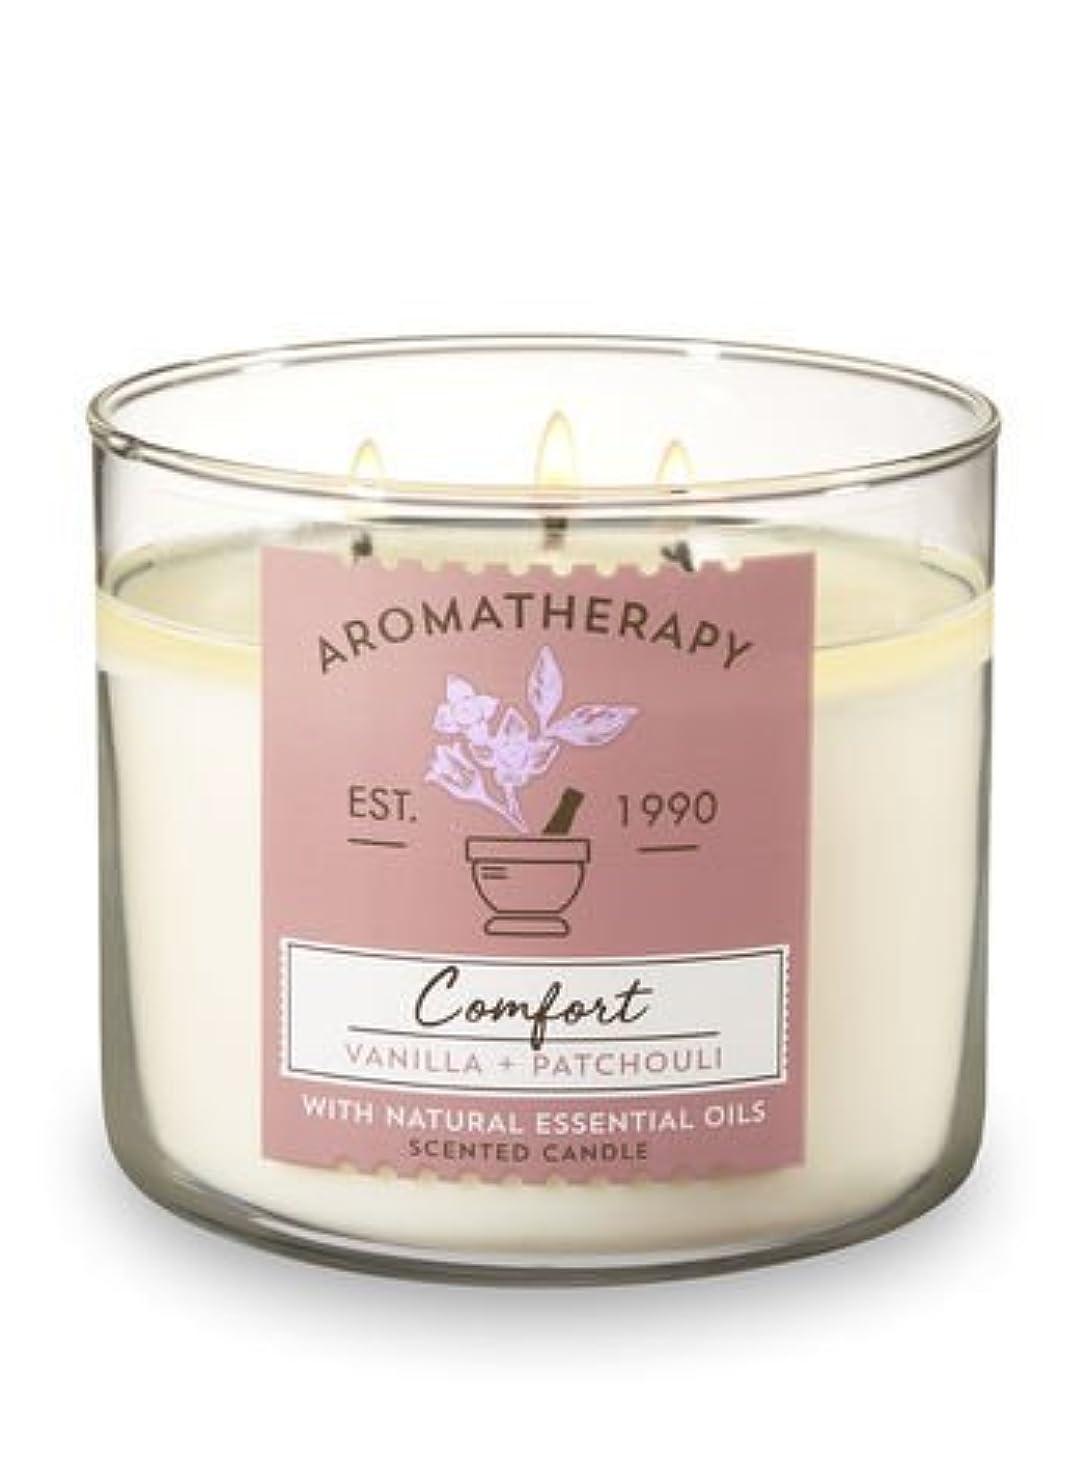 起こる暗記するどんよりした【Bath&Body Works/バス&ボディワークス】 アロマキャンドル アロマセラピー コンフォート バニラパチョリ Aromatherapy 3-Wick Scented Candle Comfort Vanill...